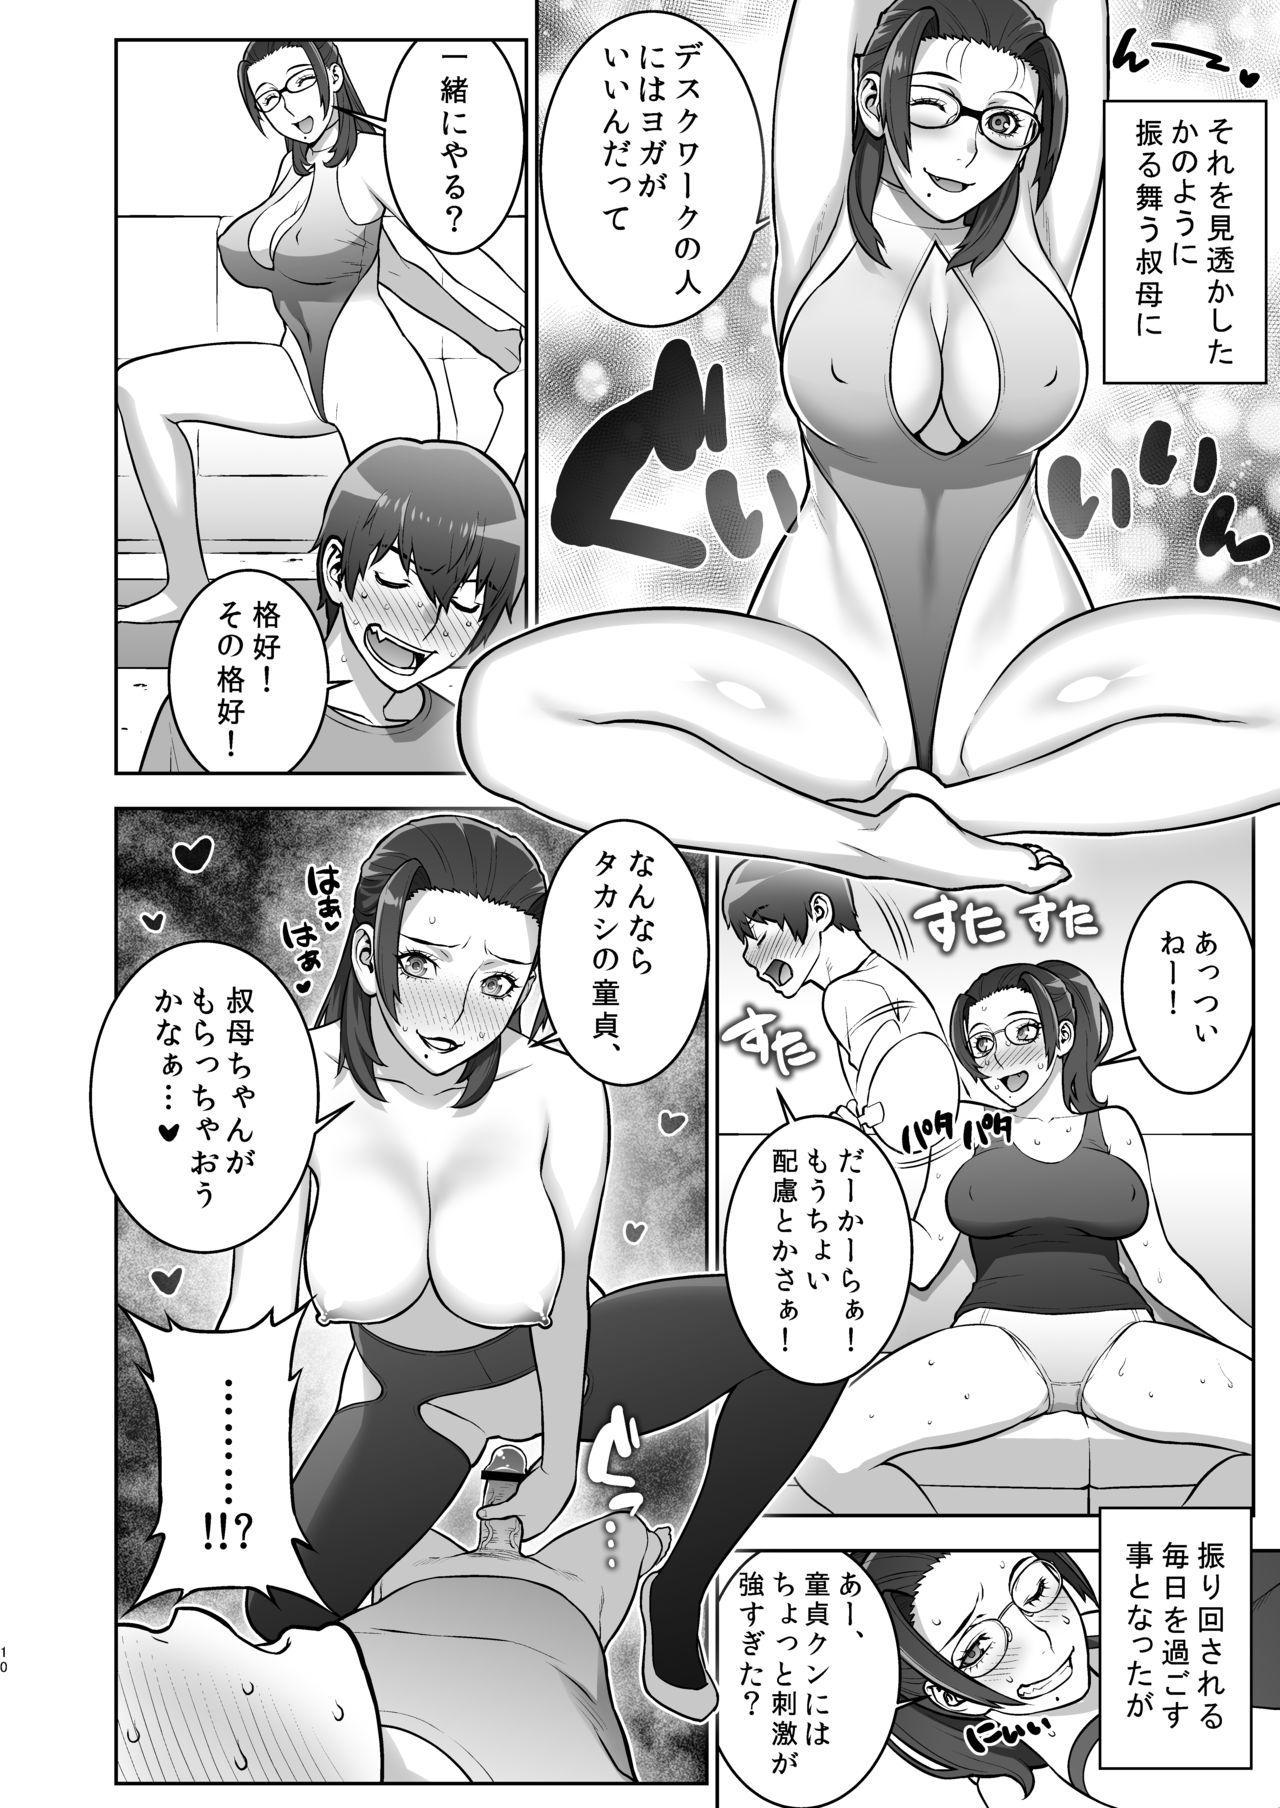 Oba no Uwa Kitsu Cosplay Onanie o Mokugeki Shita Ken 8